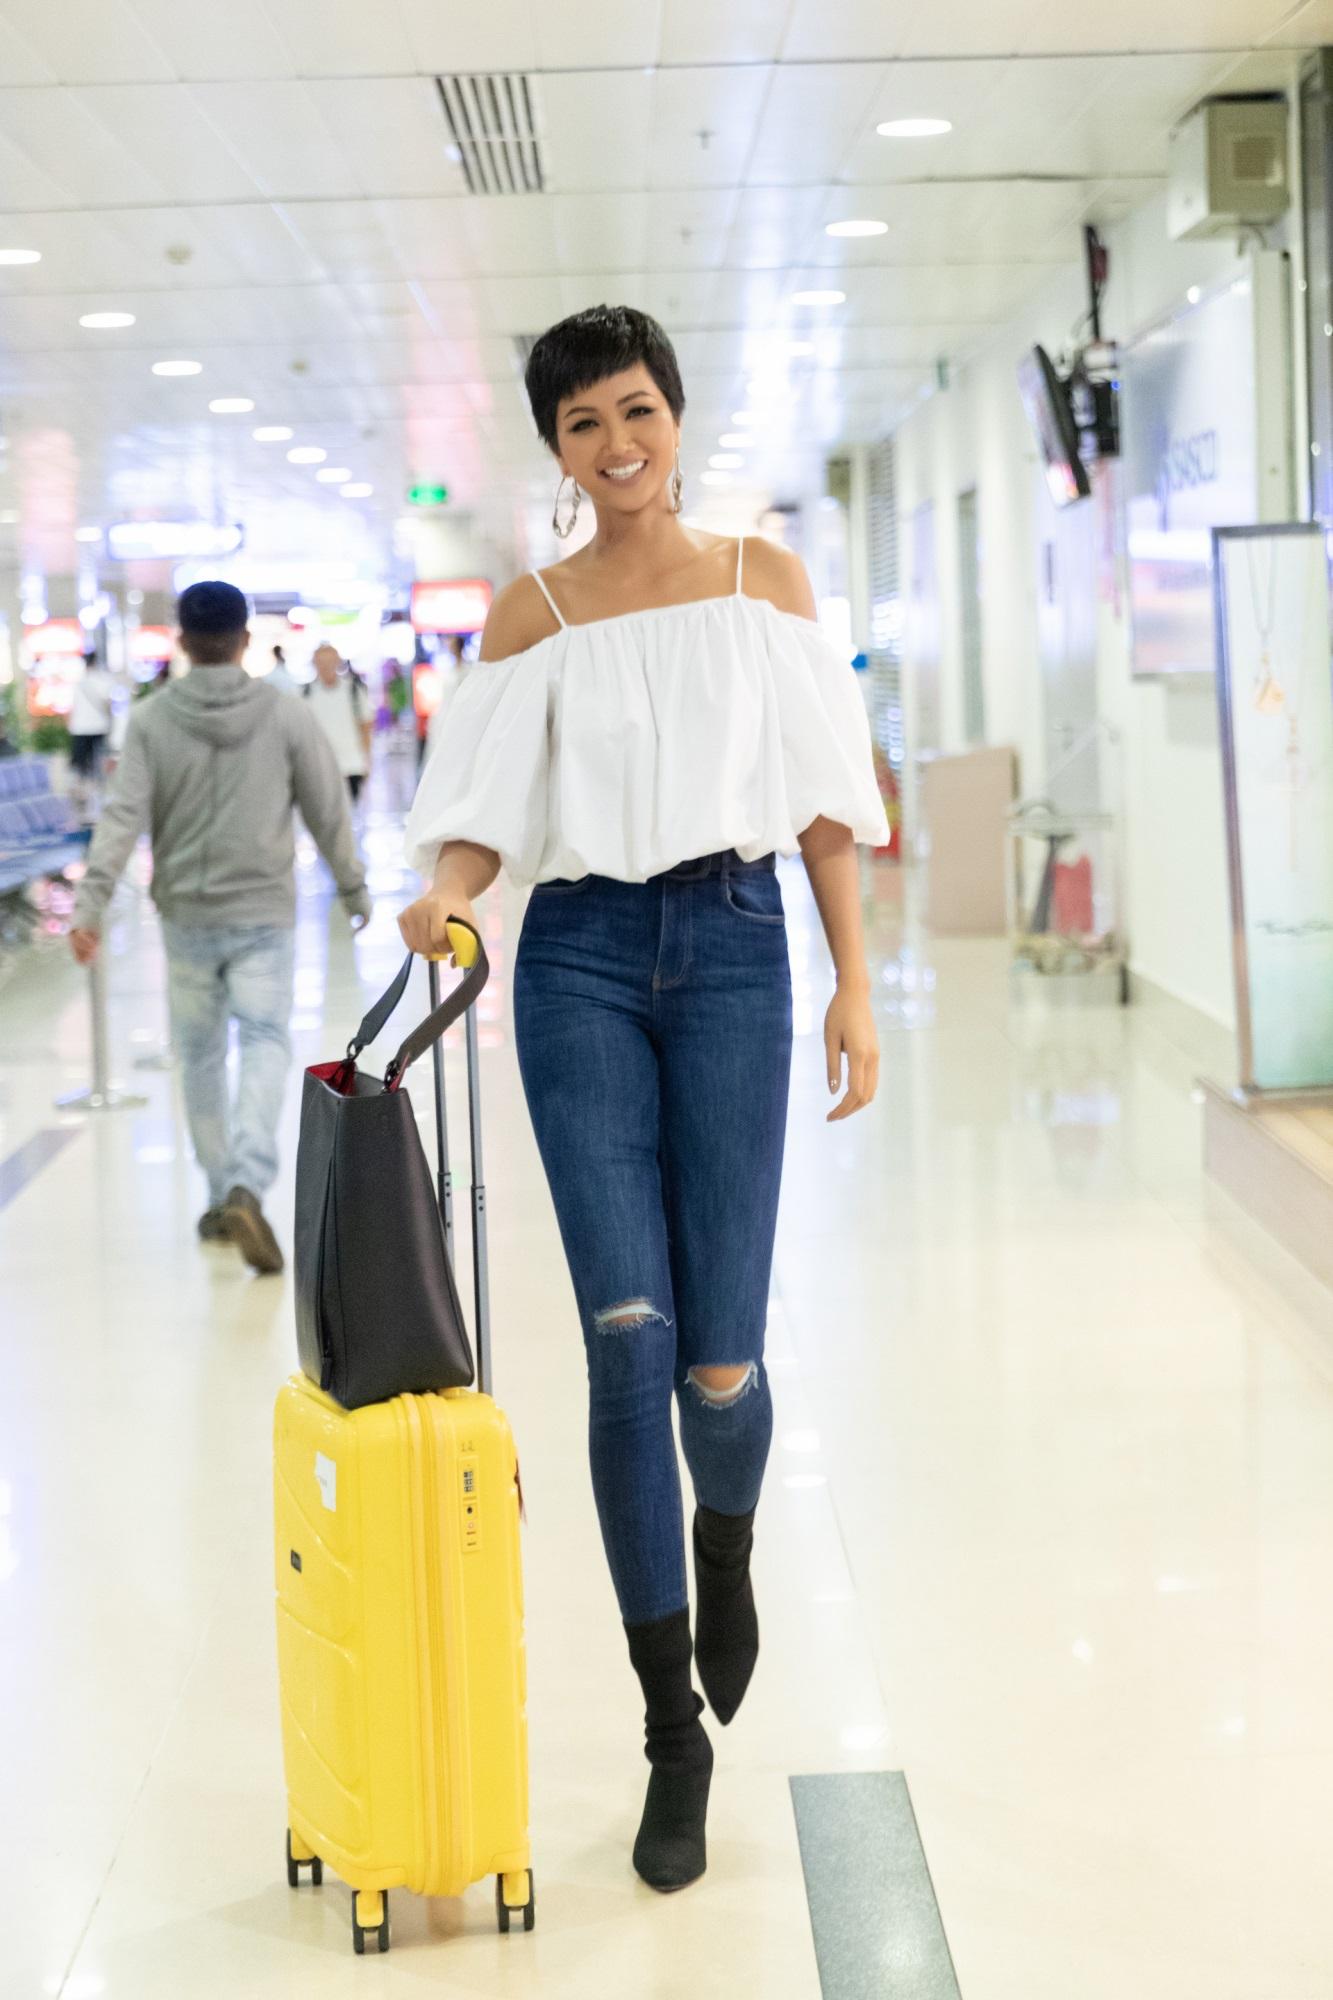 Đúng một năm đăng quang Hoa hậu Hoàn vũ Việt Nam, H'Hen Niê trở về quê nhà với nhiều cảm xúc trong lòng. Ngày 22/01/2018, cô về quê với tư cách tân Hoa hậu Hoàn vũ Việt Nam, lần này cô trở về với thành tích Top 5 Miss Universe 2018. Hai lần trở về quê đều mang lại cho H'Hen Niê những cảm xúc khác nhau, cùng sự chào đón nồng nhiệt từ người thân và khán giả Đắk Lắk.